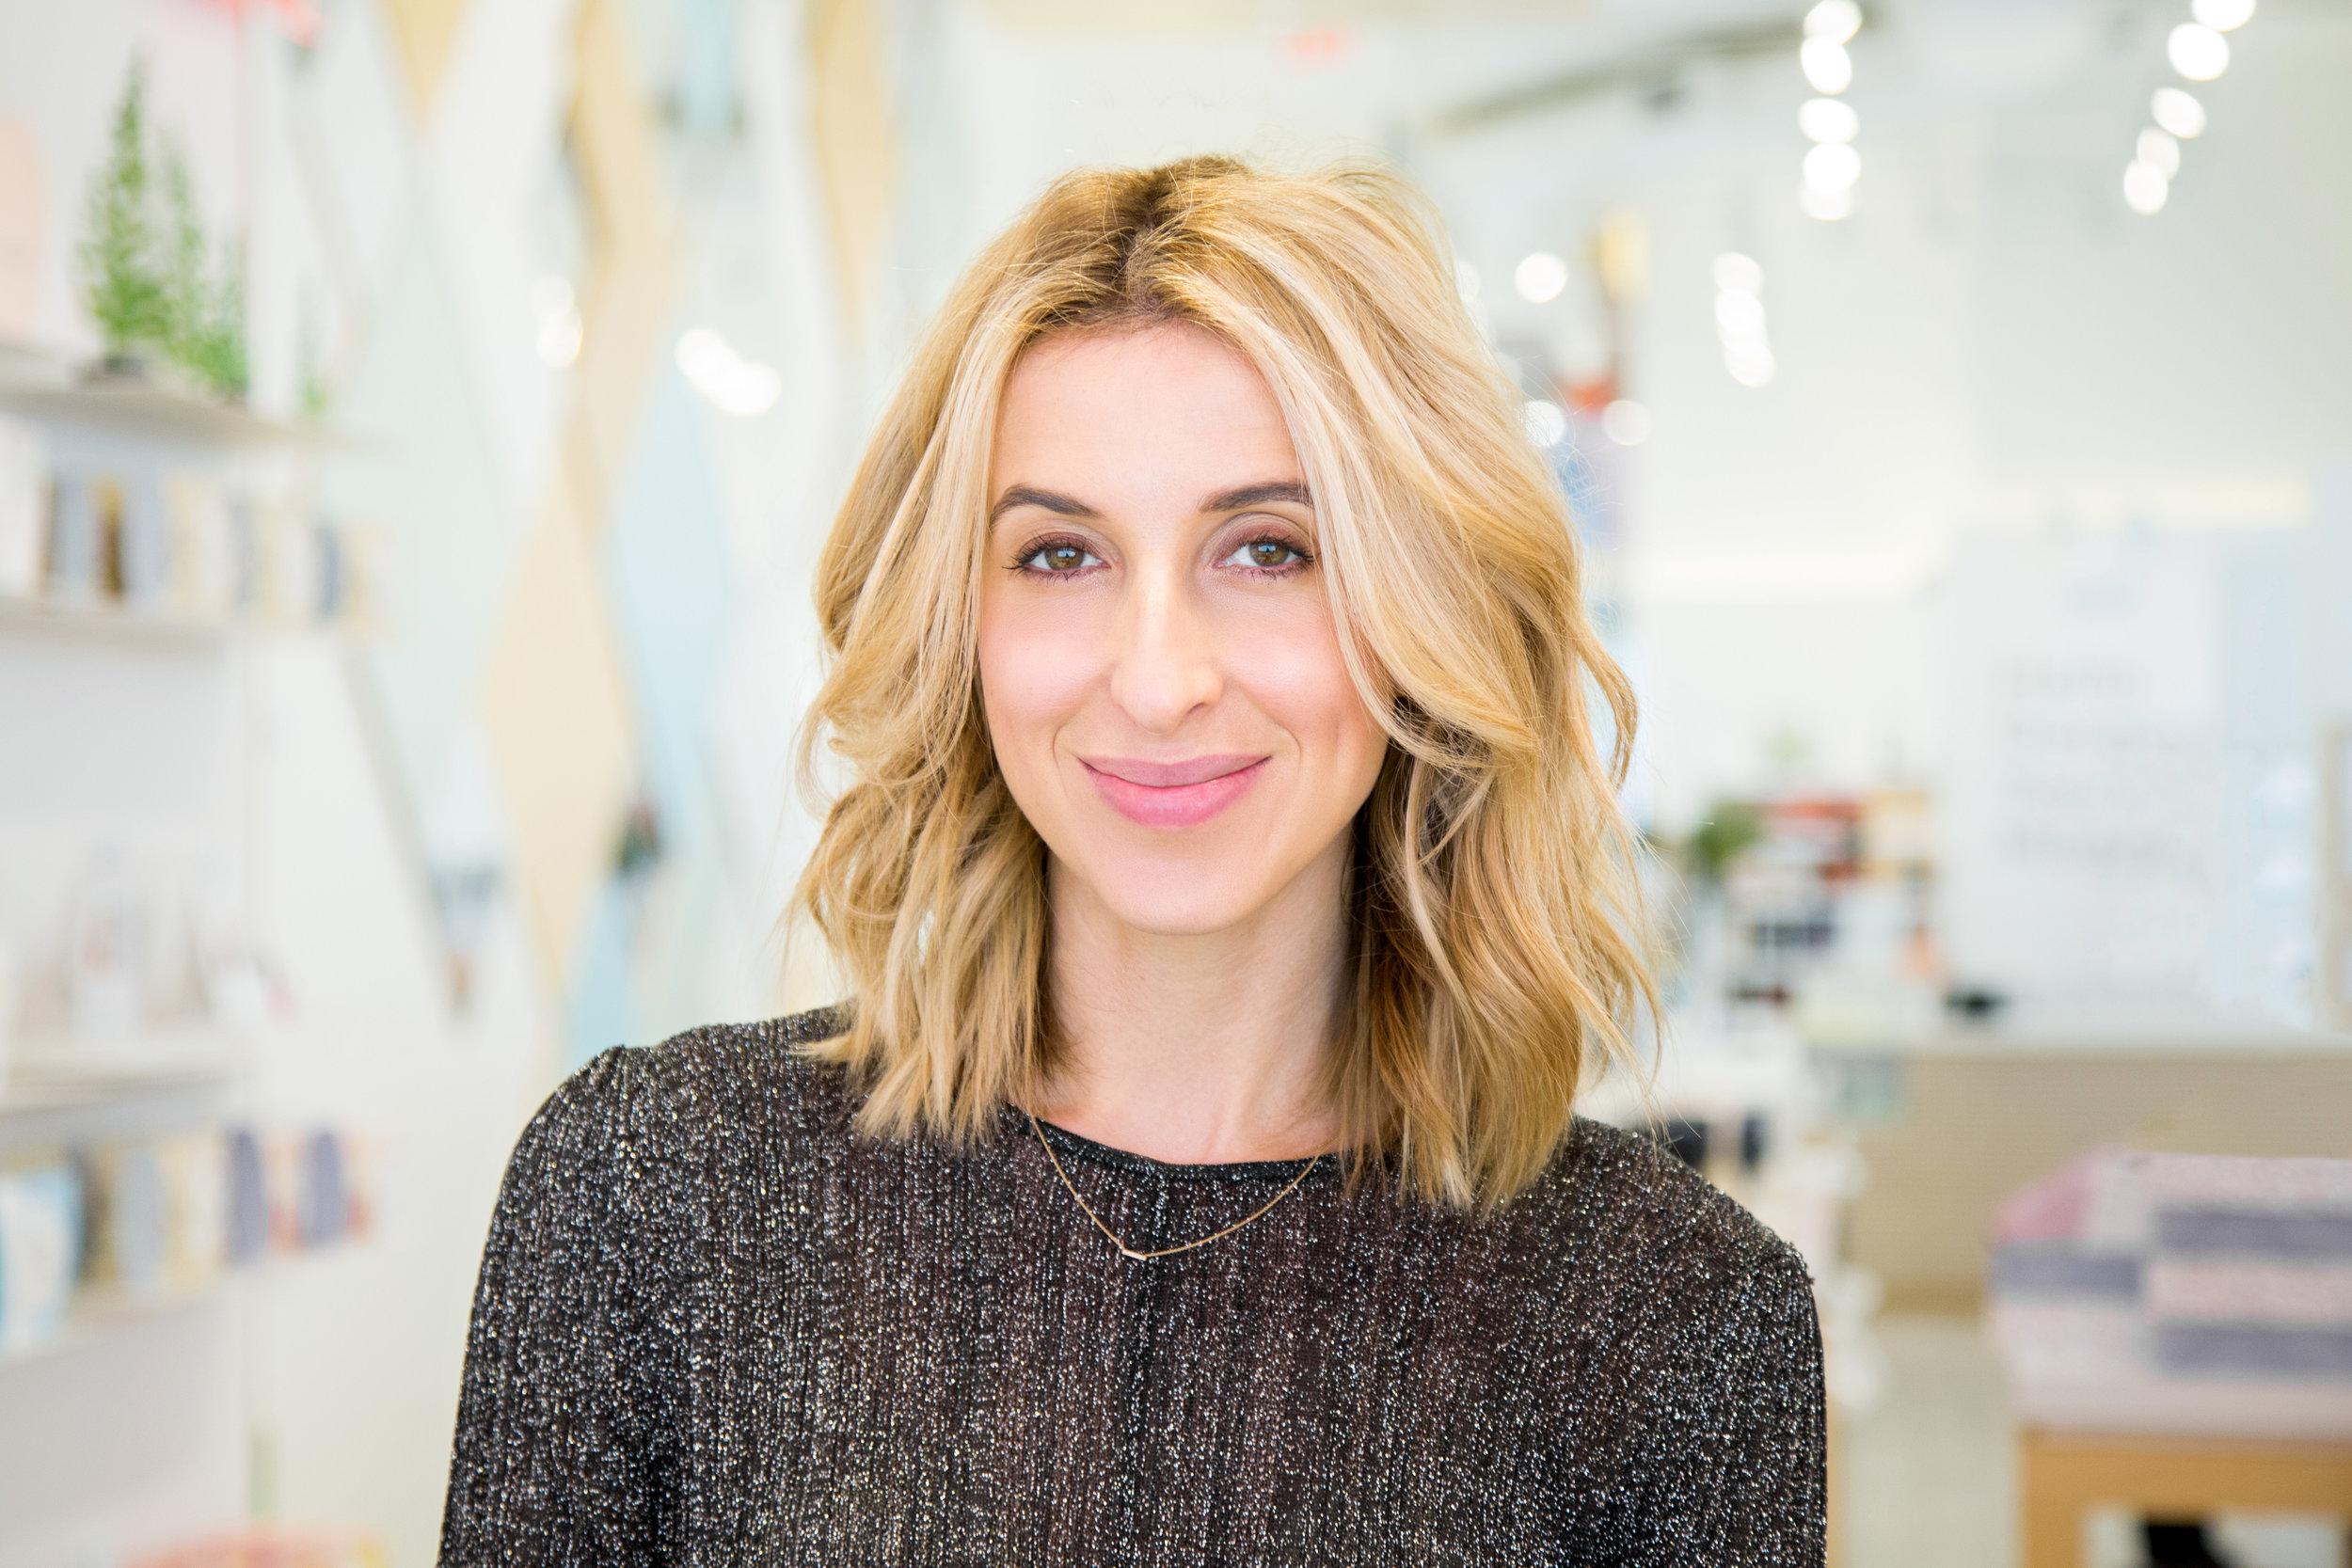 Katia Beauchamp, Founder, Birchbox